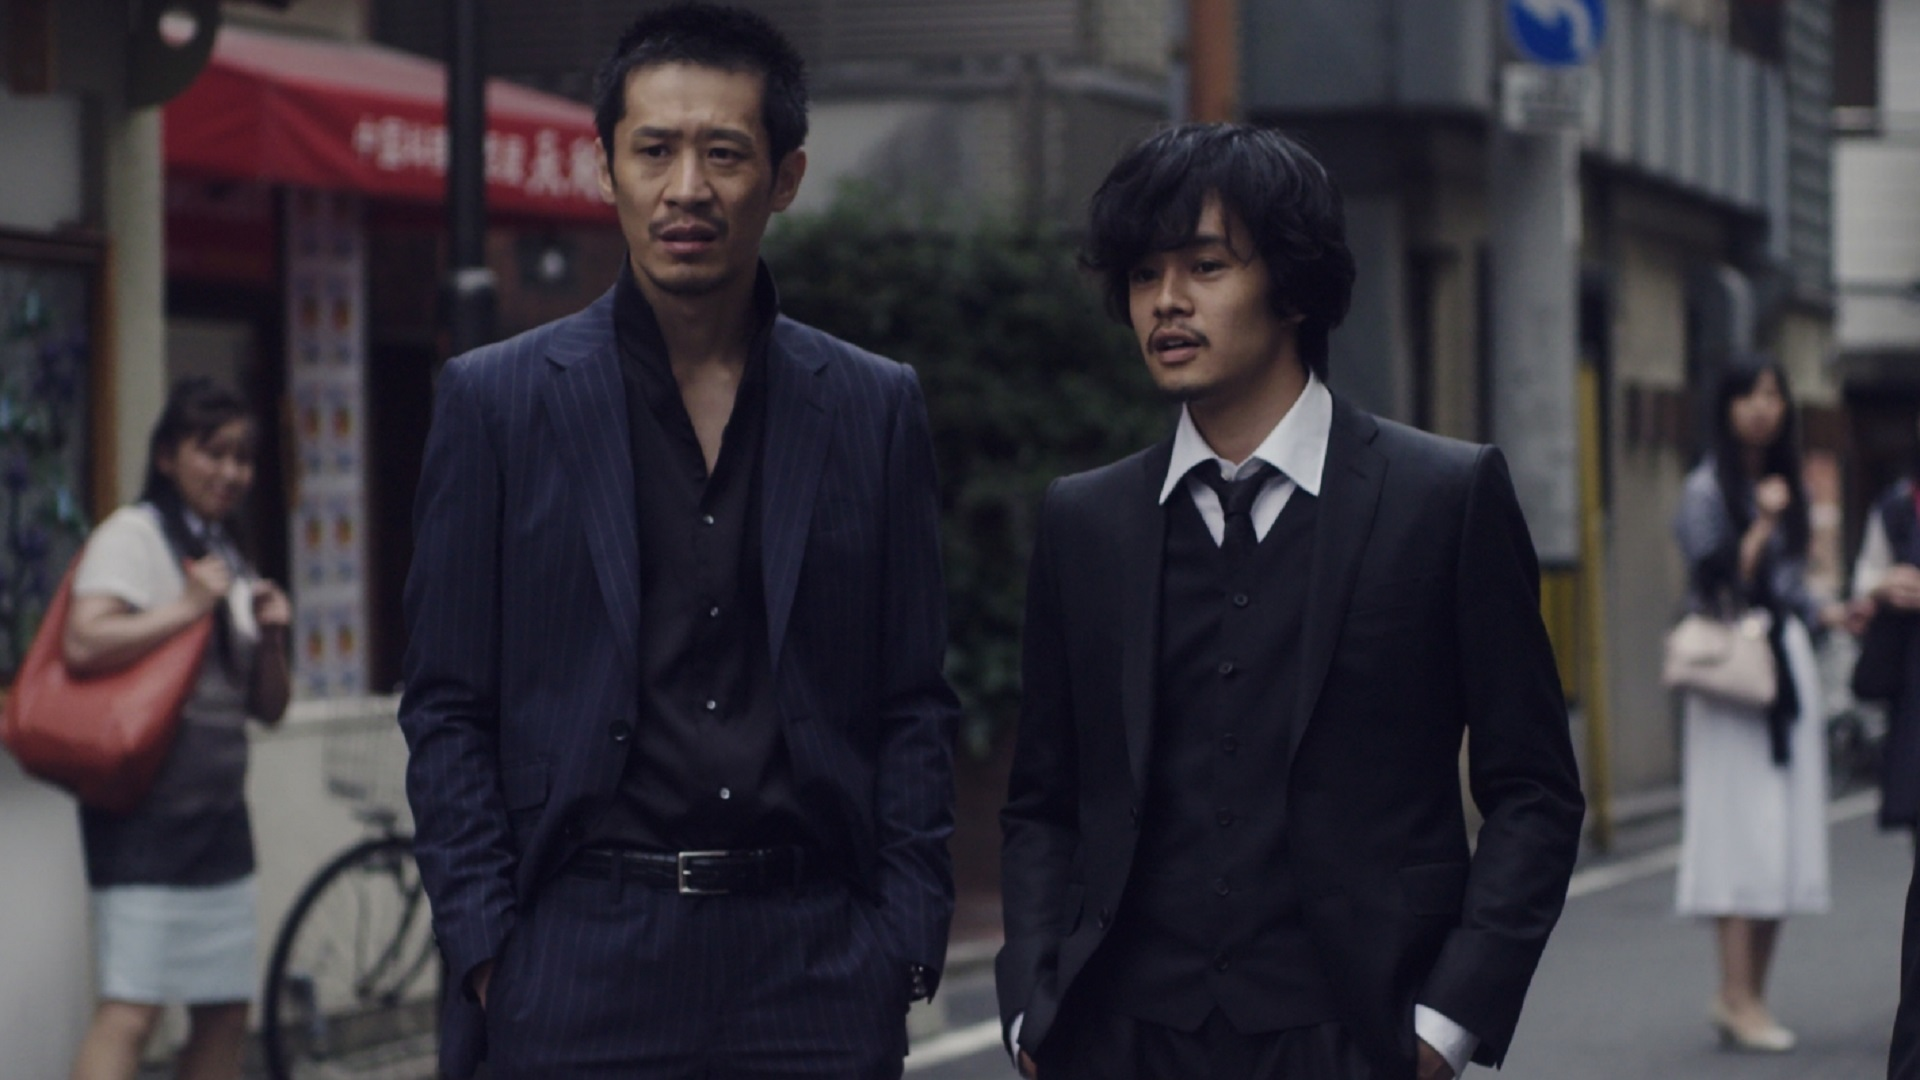 左から 三浦誠己、池松壮亮 『ディストラクション・ベイビーズ』